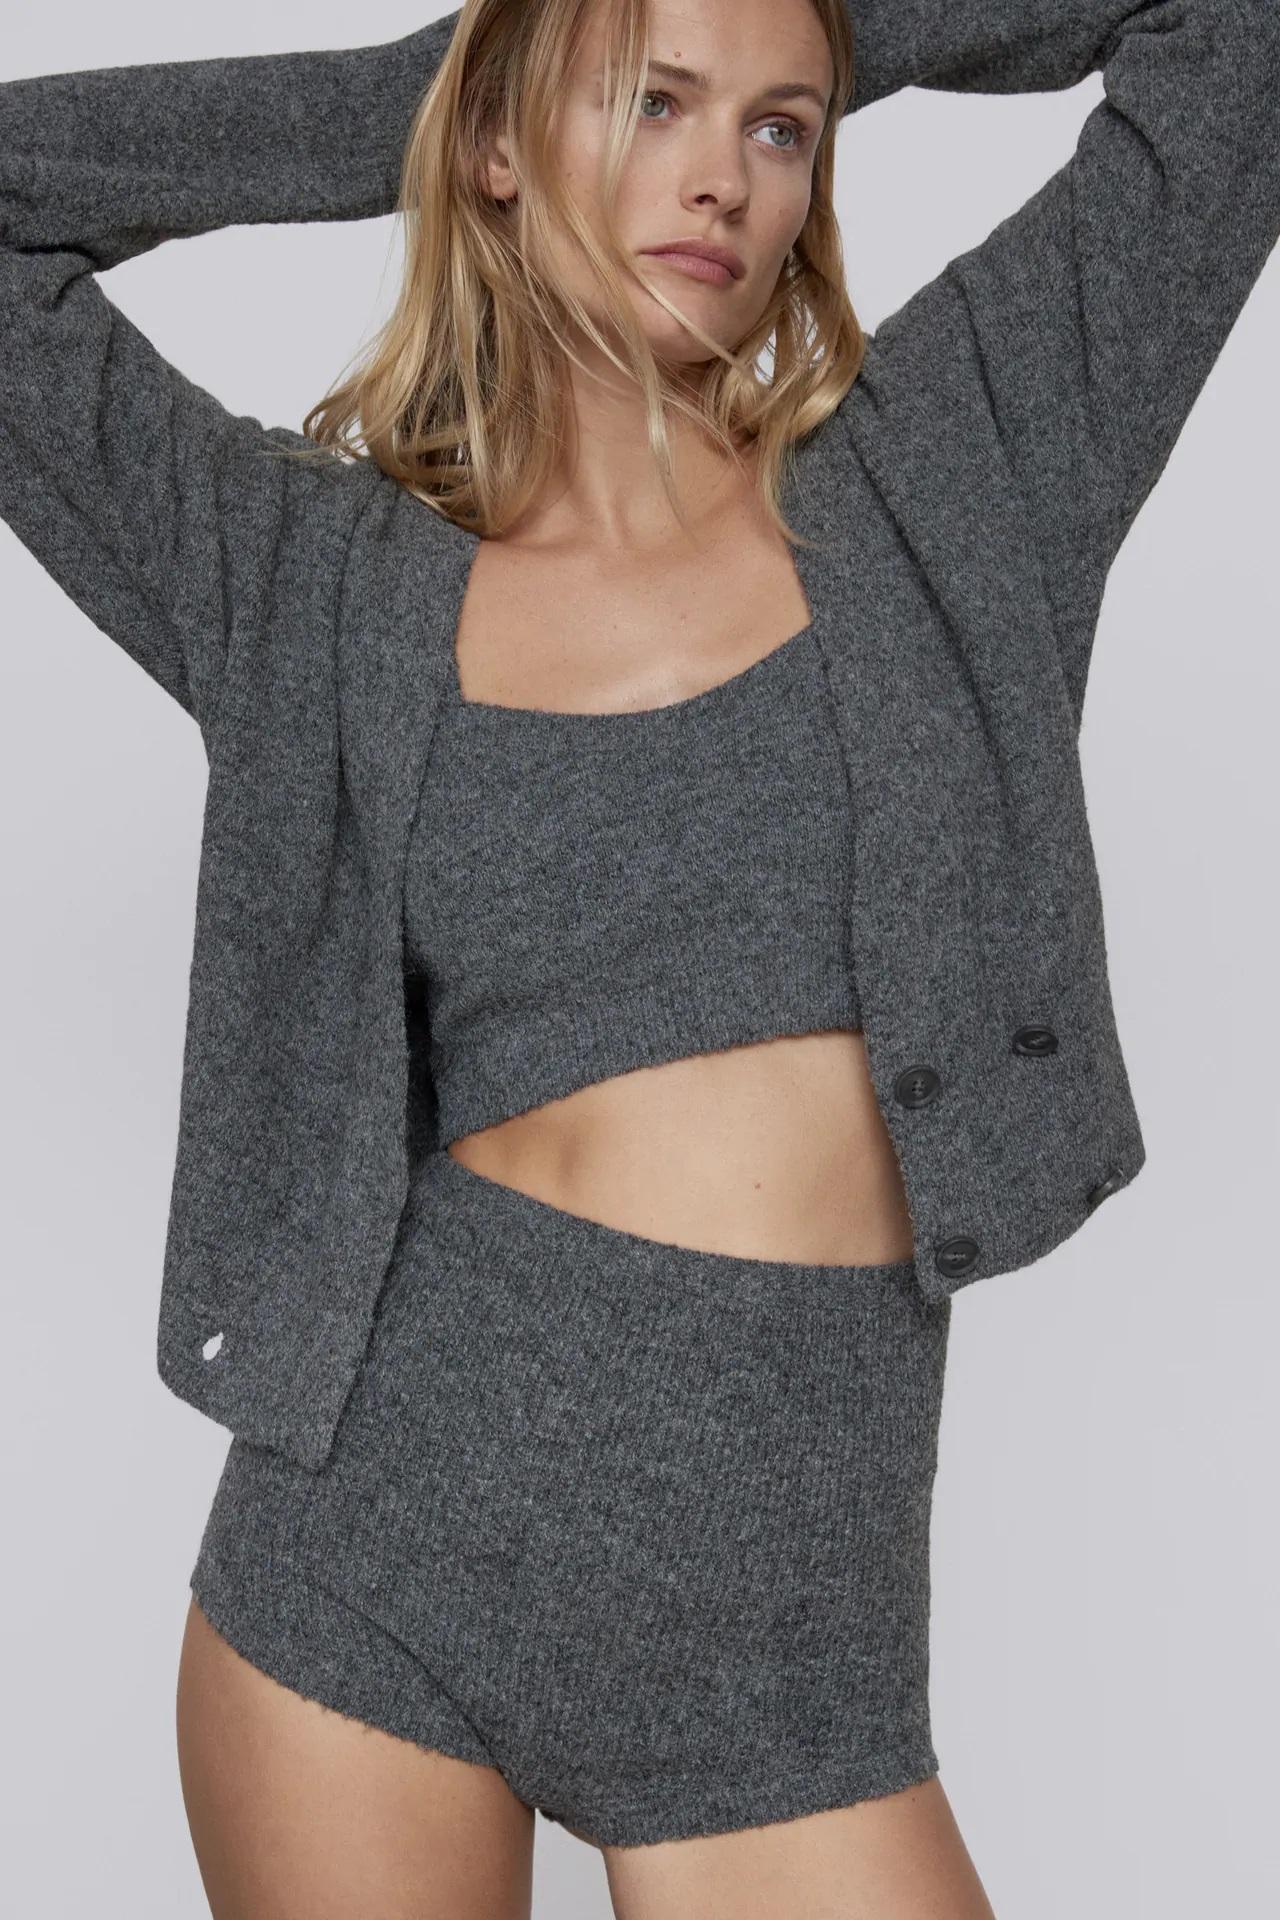 Jennie vừa diện set Zara siêu xinh, lại còn đang có giá sale chưa đến 500k cả nhà ơi - Ảnh 5.